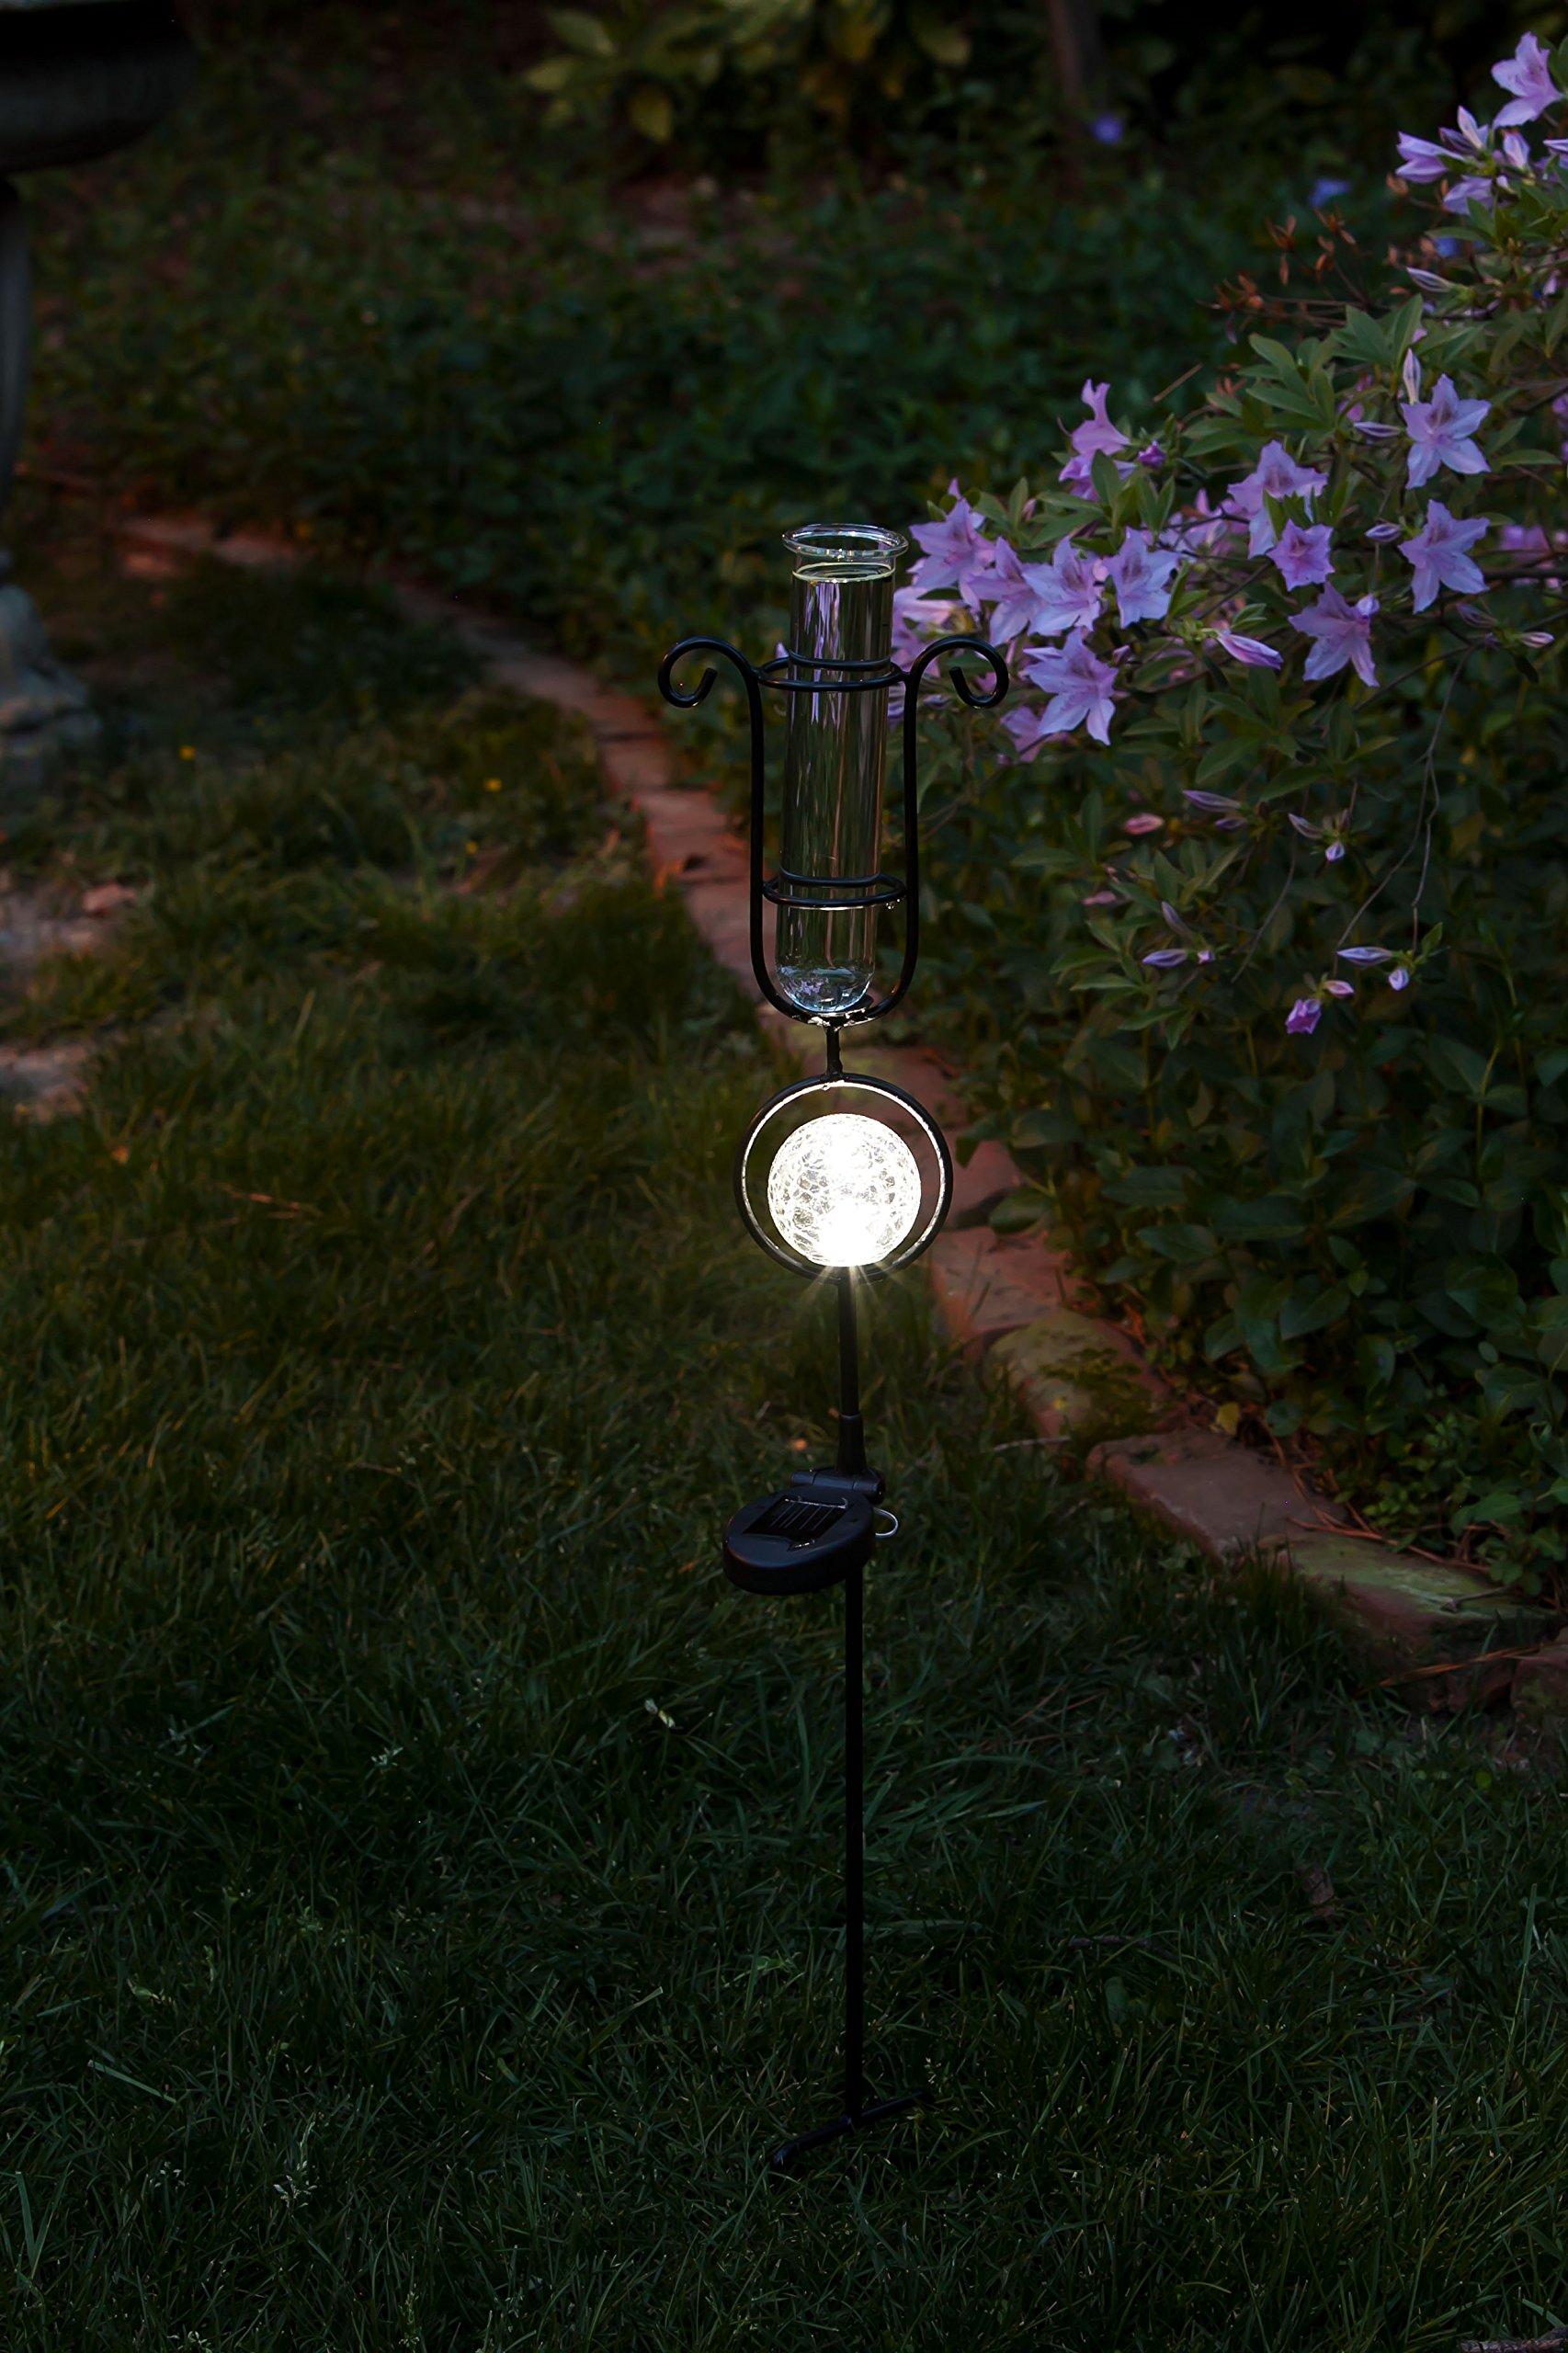 Evergreen Garden Metal and Glass Rain Gauge with Solar Powered Light - 6'' W x 5.5'' D x 33.5'' H